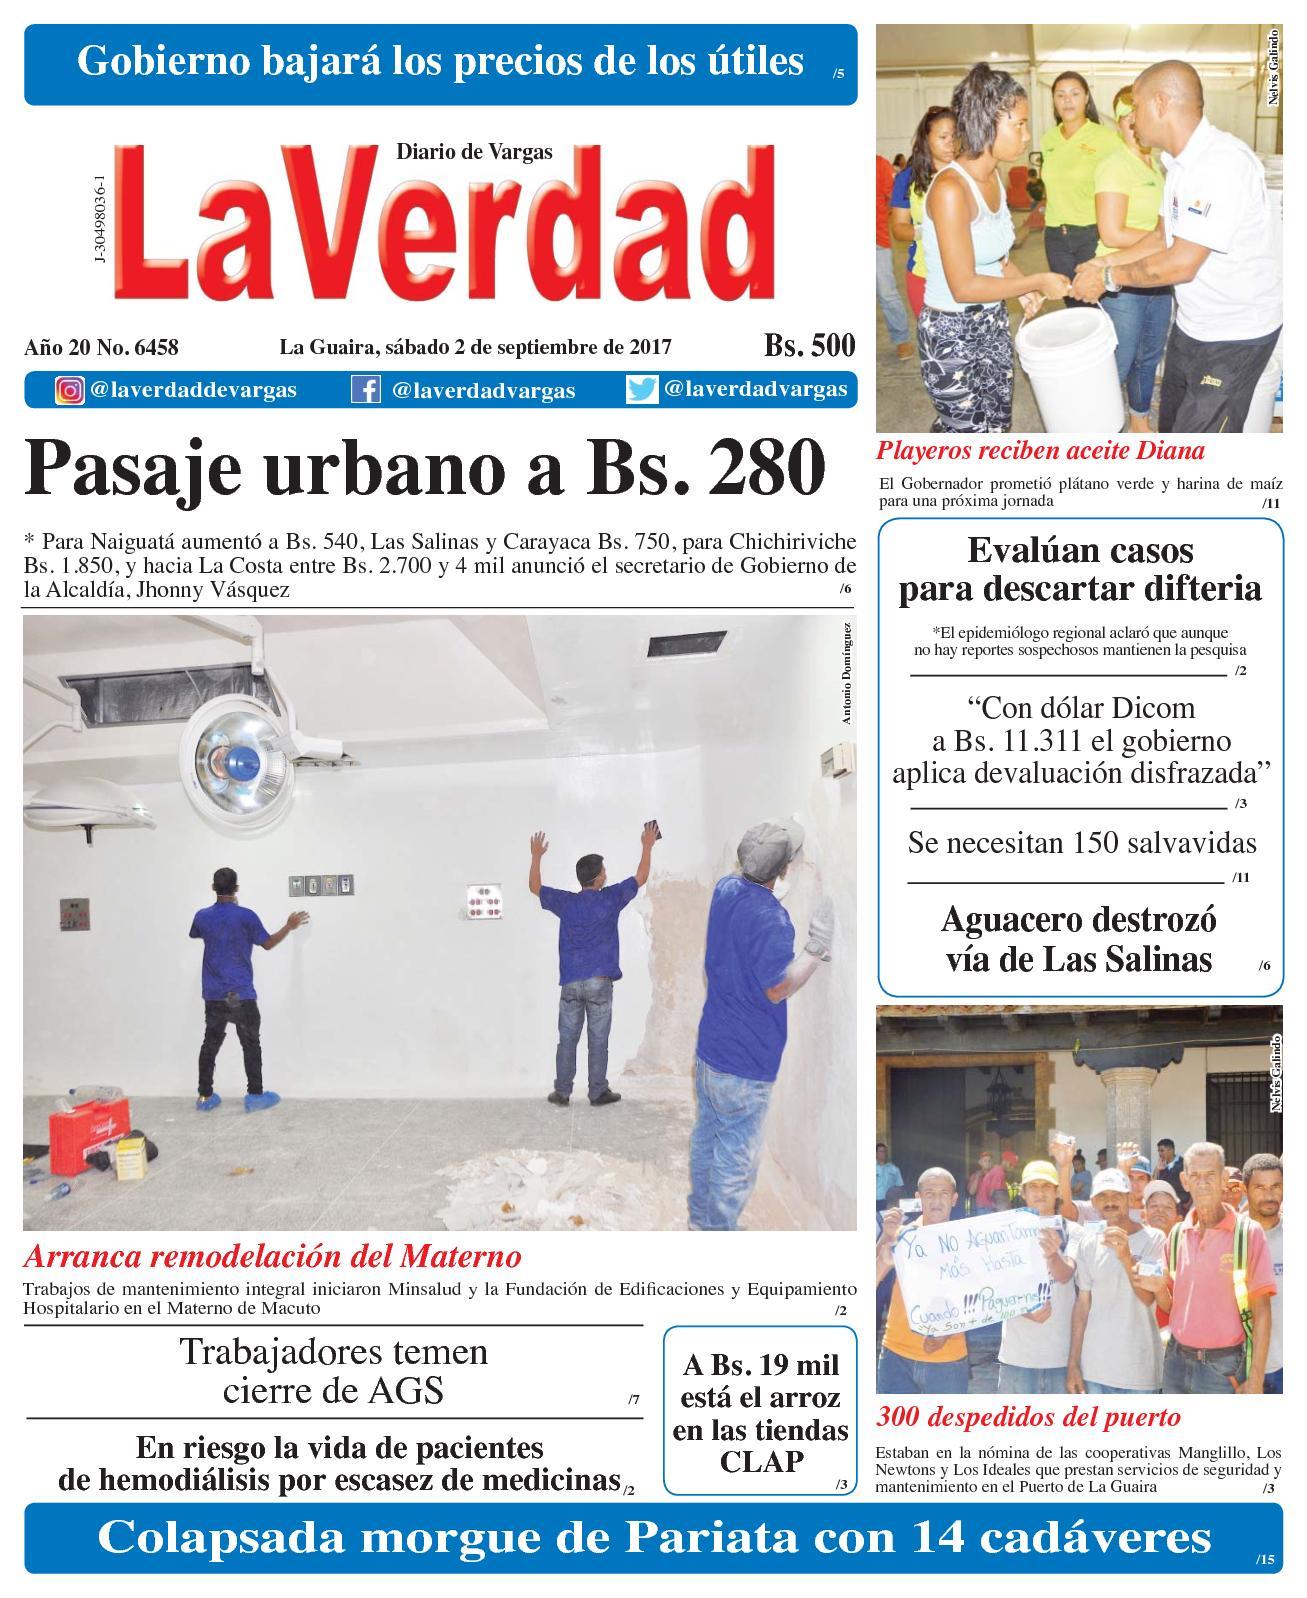 La Guaira, sábado 02 de septiembre de 2017. Año 20 No. 6458